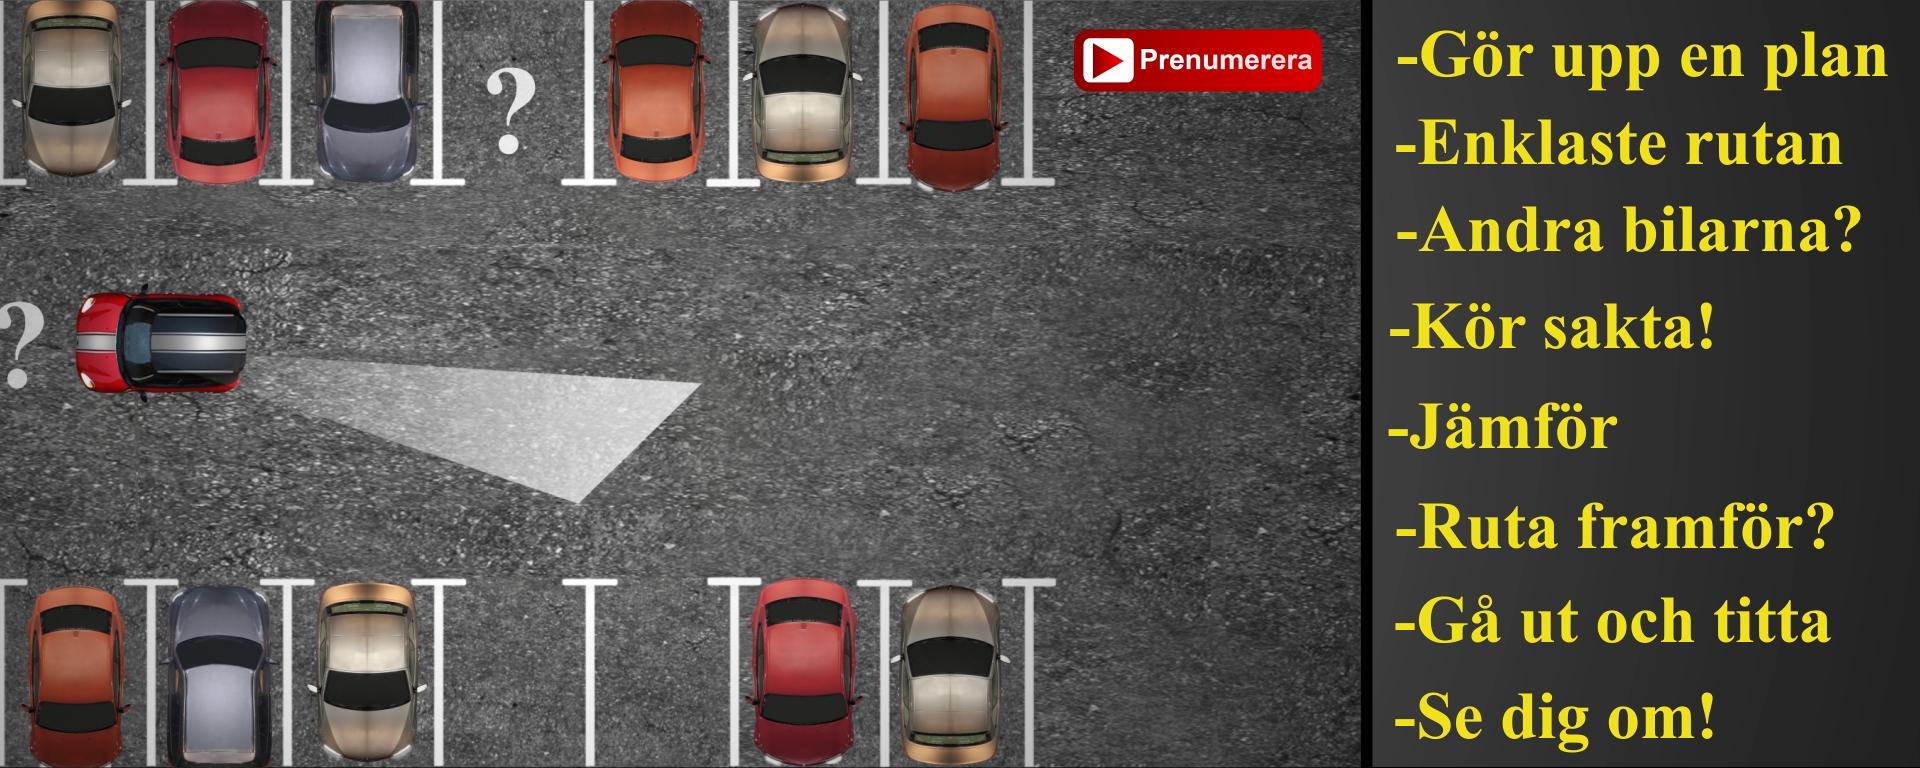 råd vid parkering